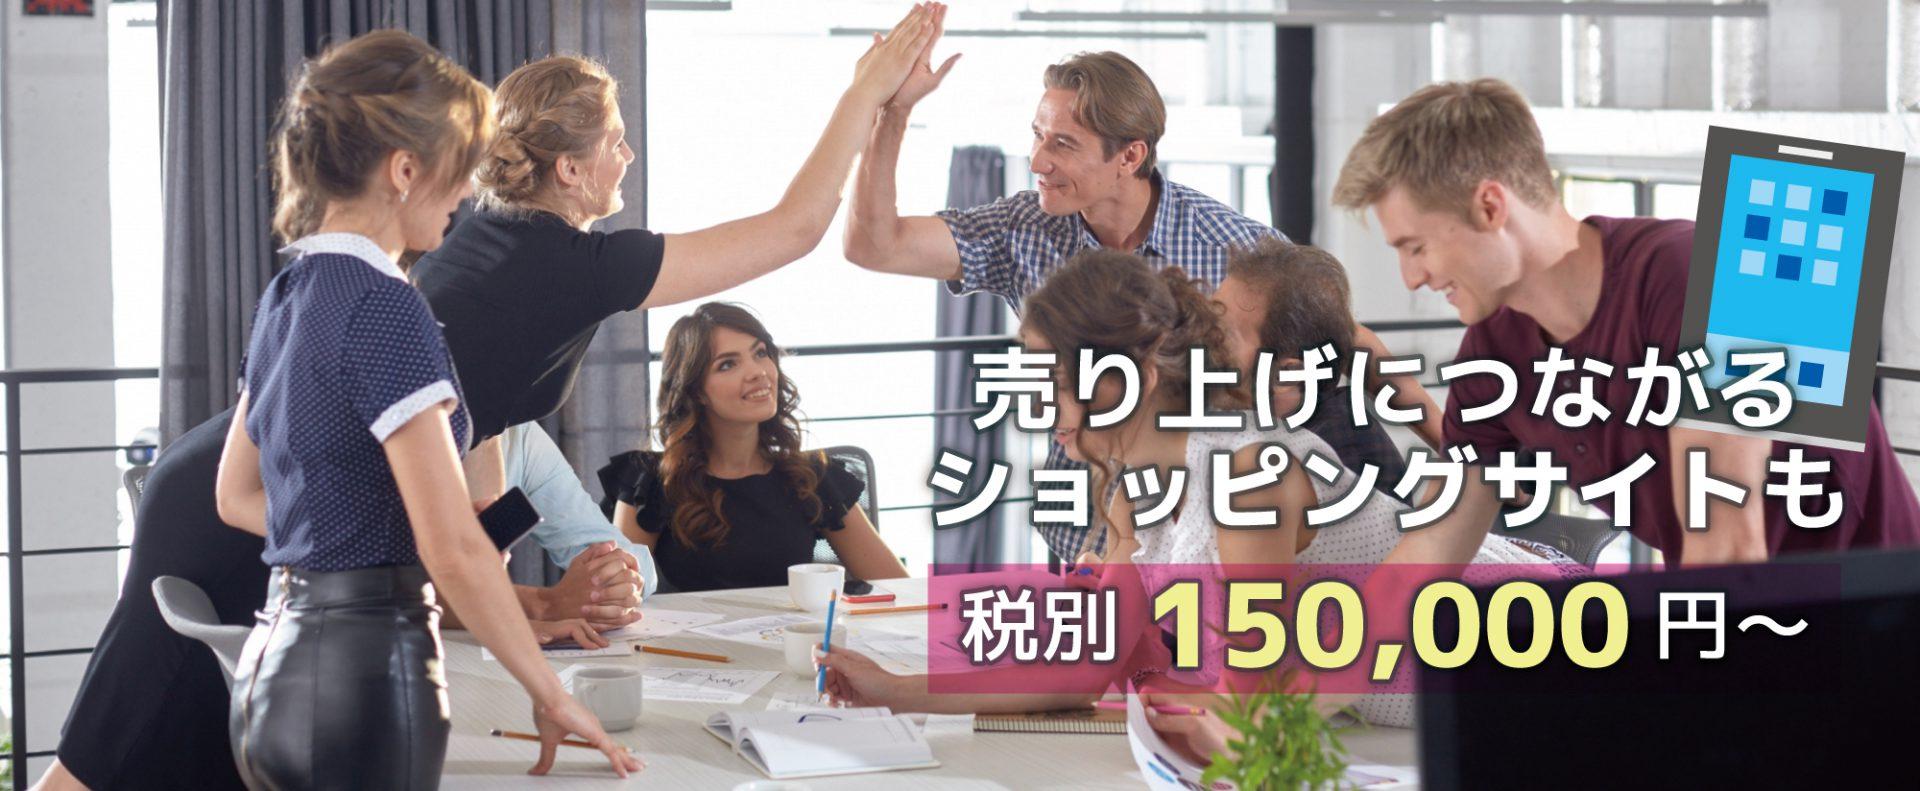 売り上げにつながるショッピングサイトも税別 150,000円~